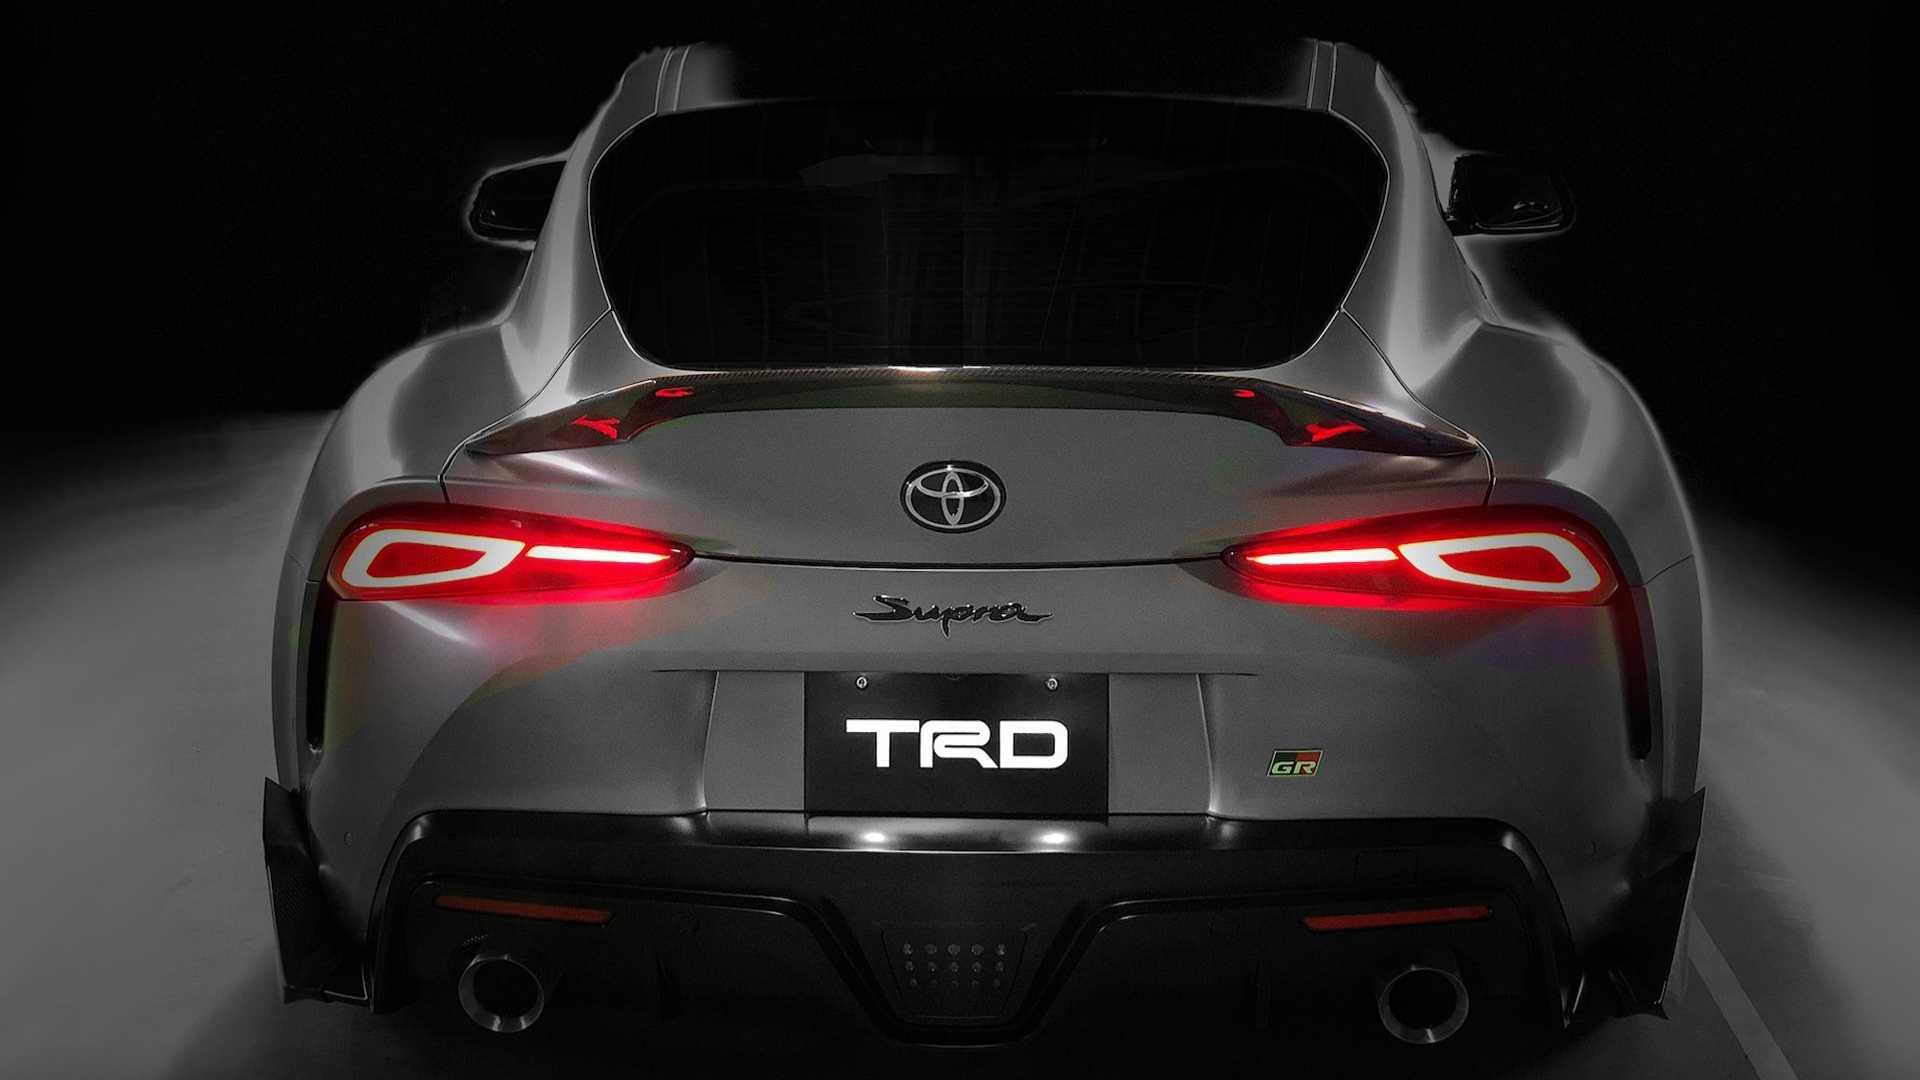 مدل مفهومی Toyota Supra TRD بالاتر از زیبایی